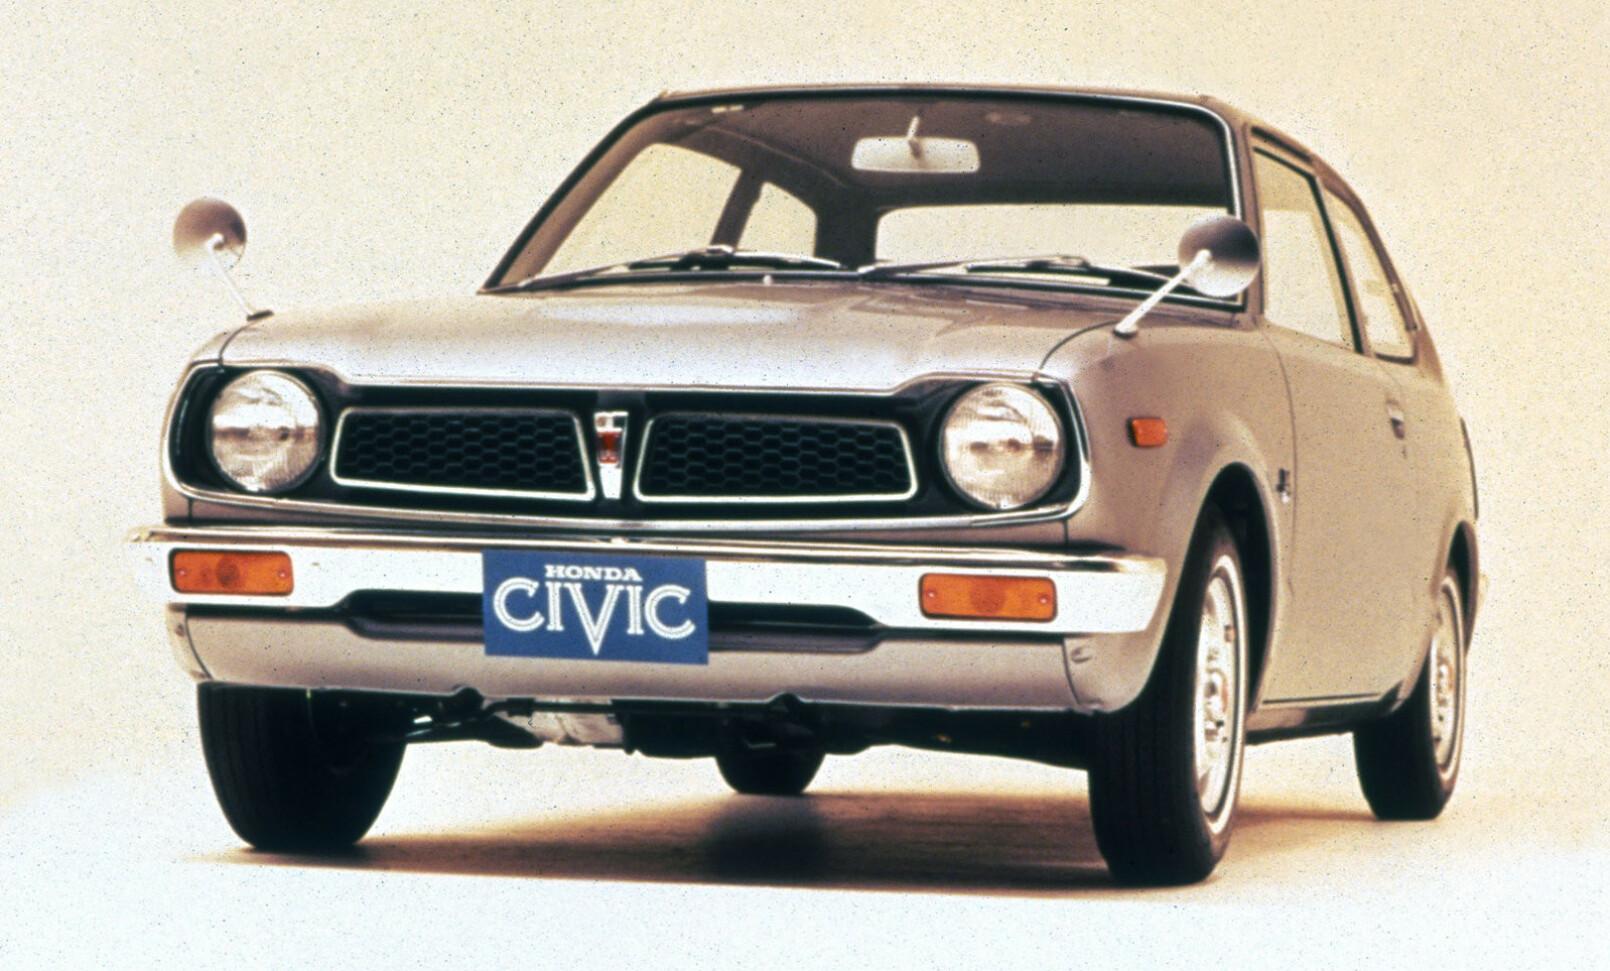 ORIGINALEN: Første generasjon Honda Civic fra 1973 kjørte på bensin. Foto: Honda